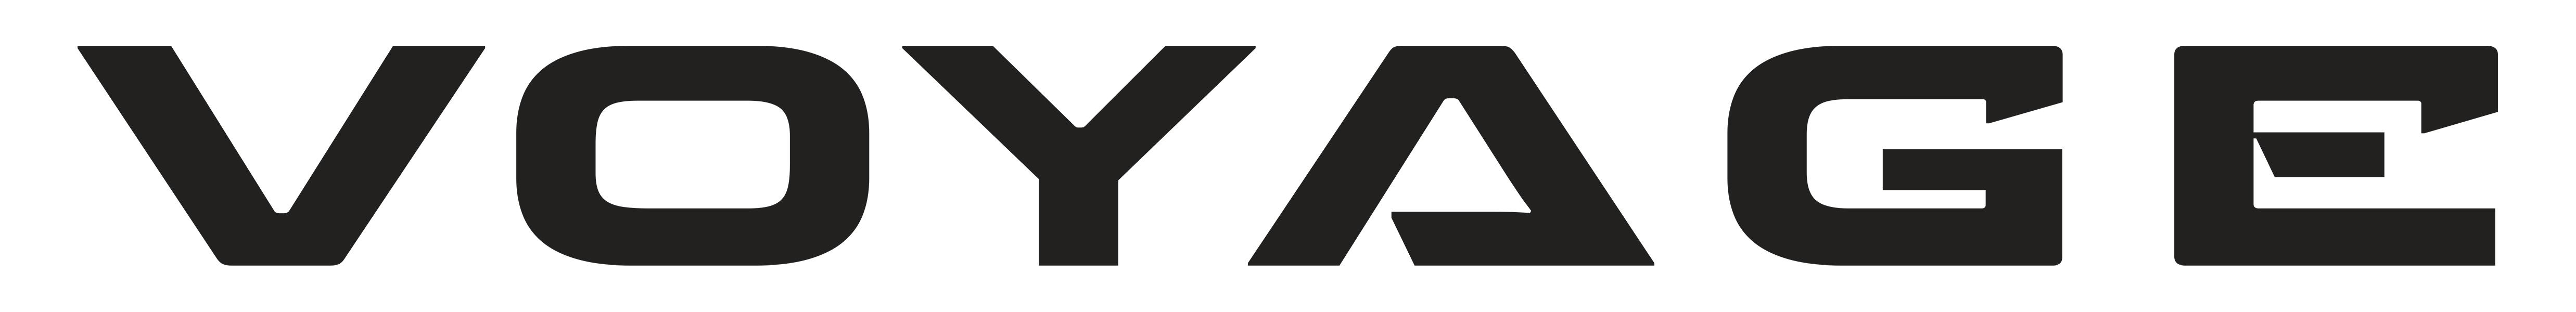 Voyage Fifth Wheel Logo